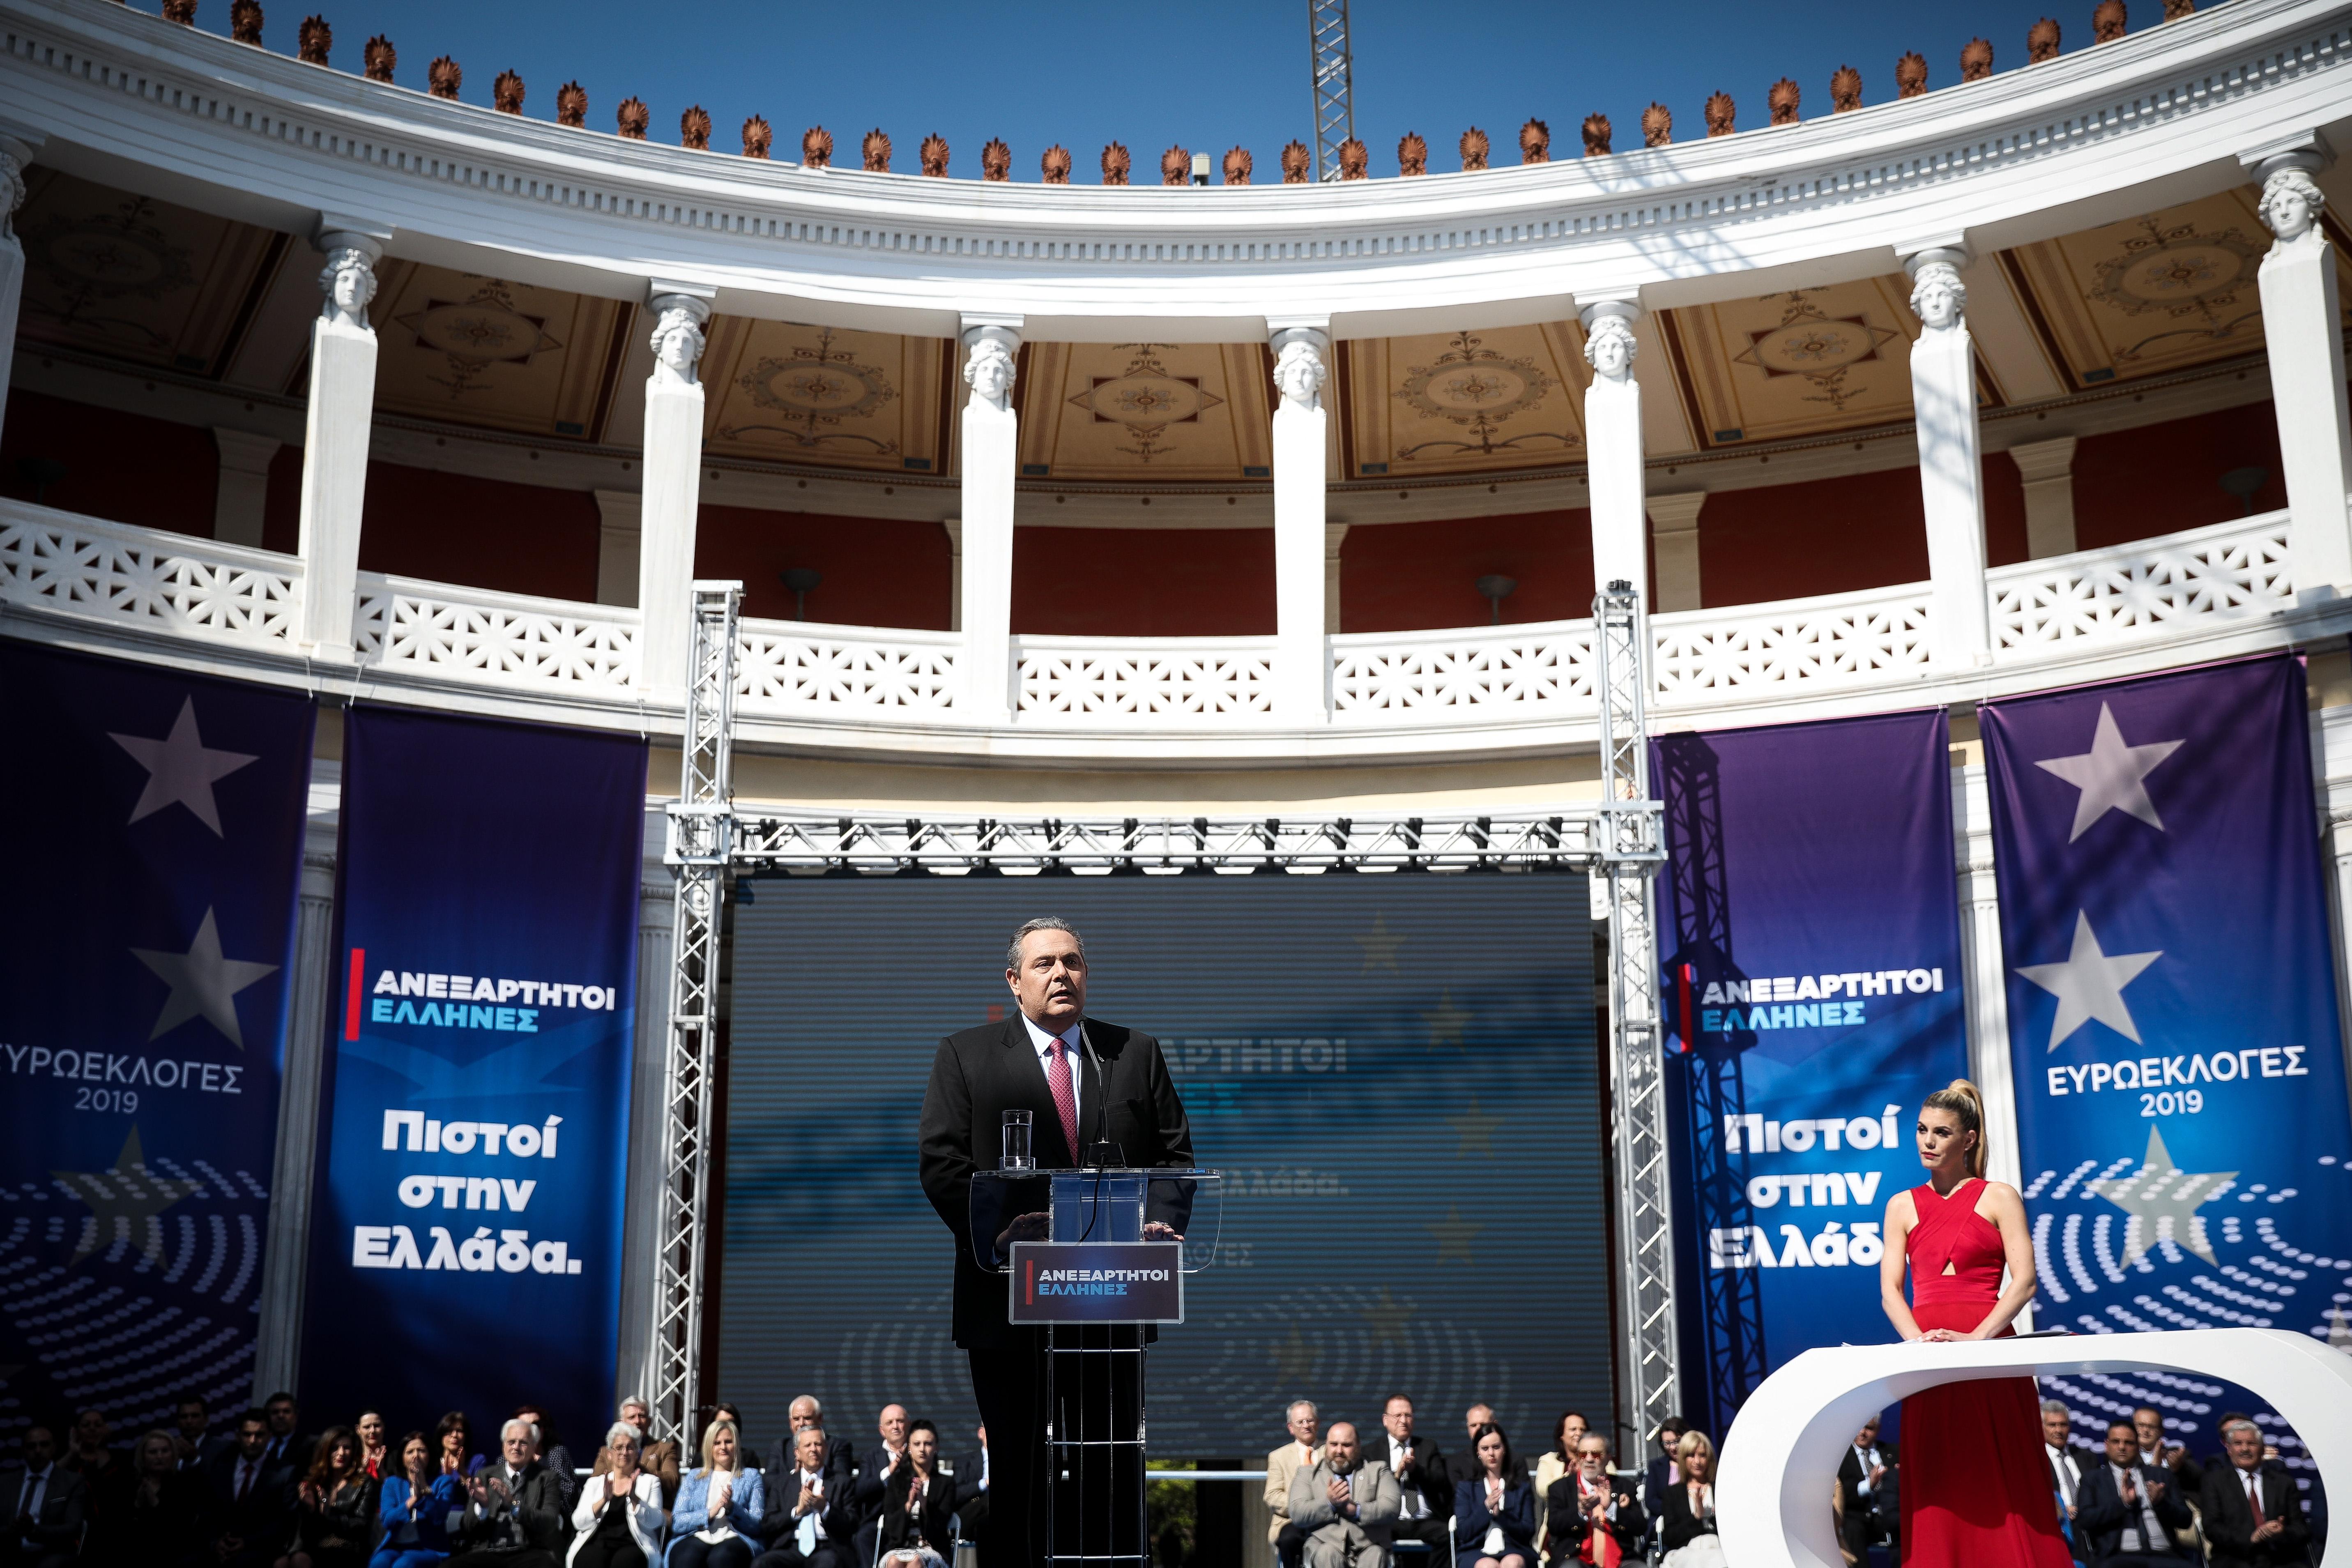 Ο Πάνος Καμμένος στην παρουσίαση του ψηφοδελτίου των Ανεξάρτητων Ελλήνων για τις ευρωεκλογές